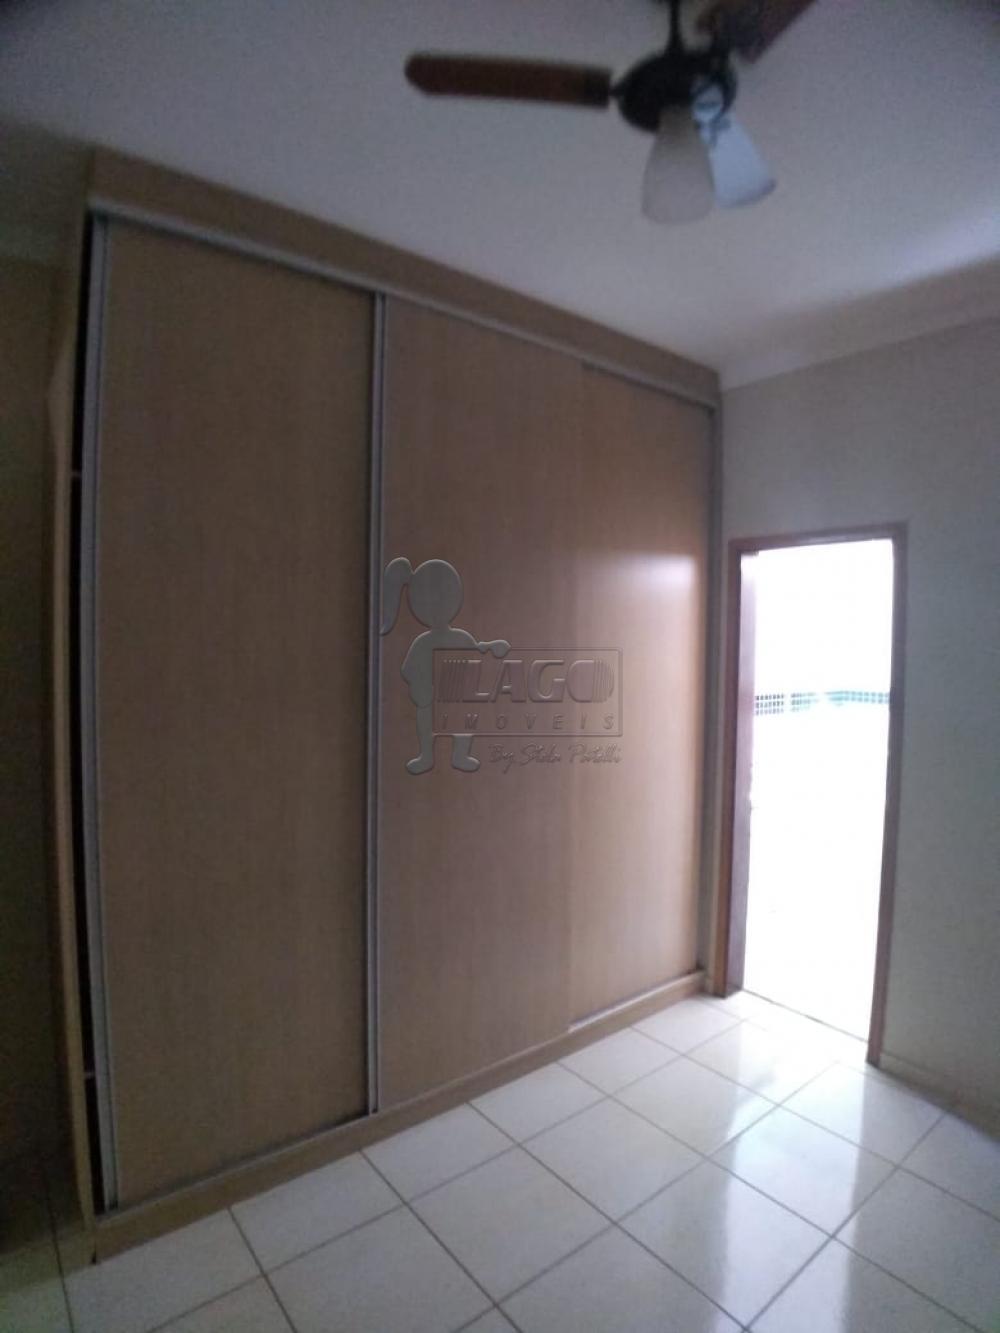 Alugar Casas / Padrão em Ribeirão Preto apenas R$ 1.500,00 - Foto 24